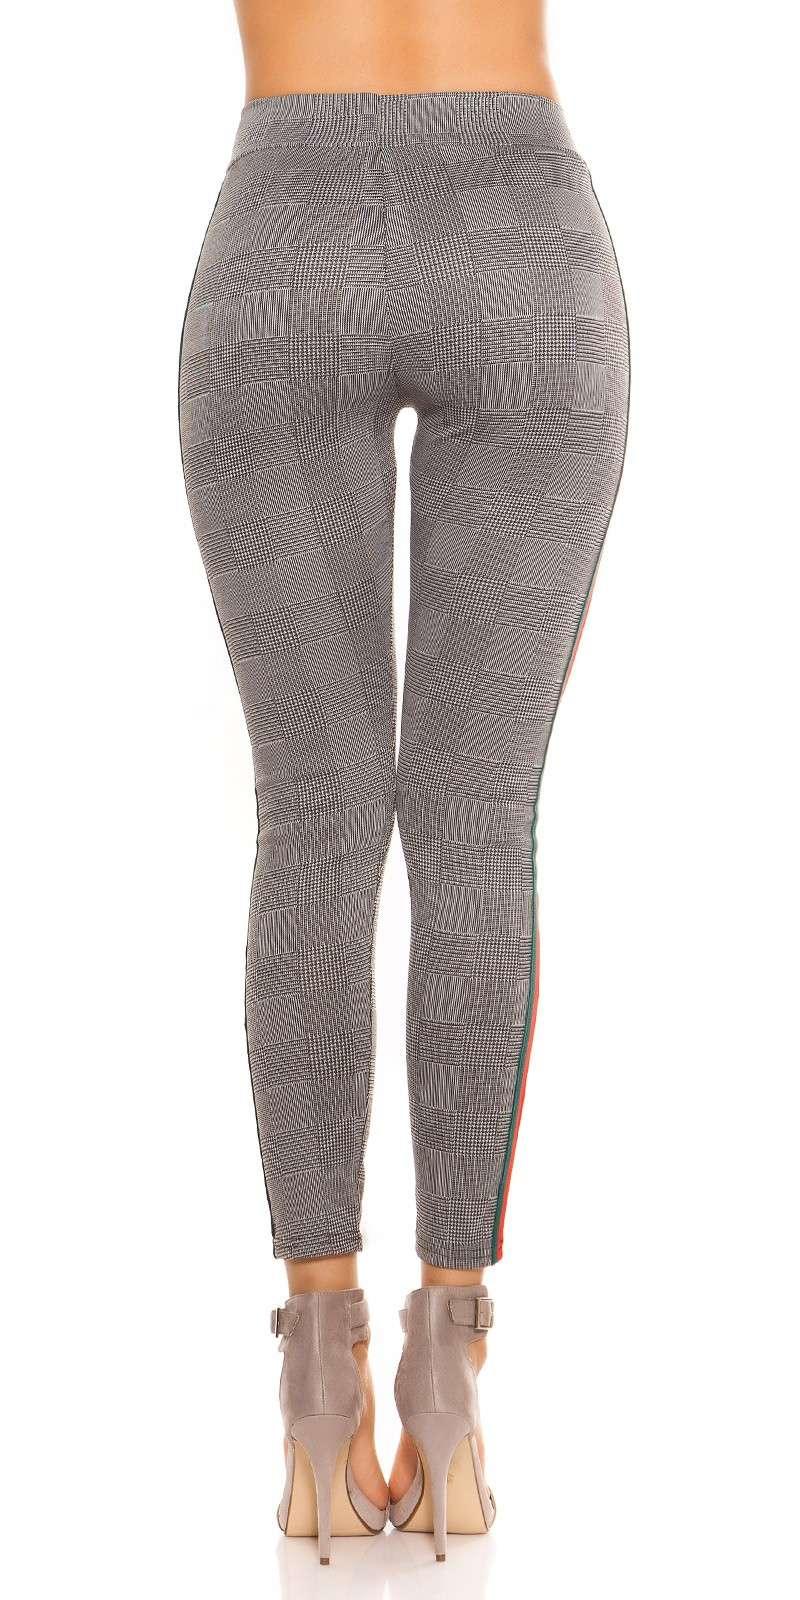 Karo Leggings